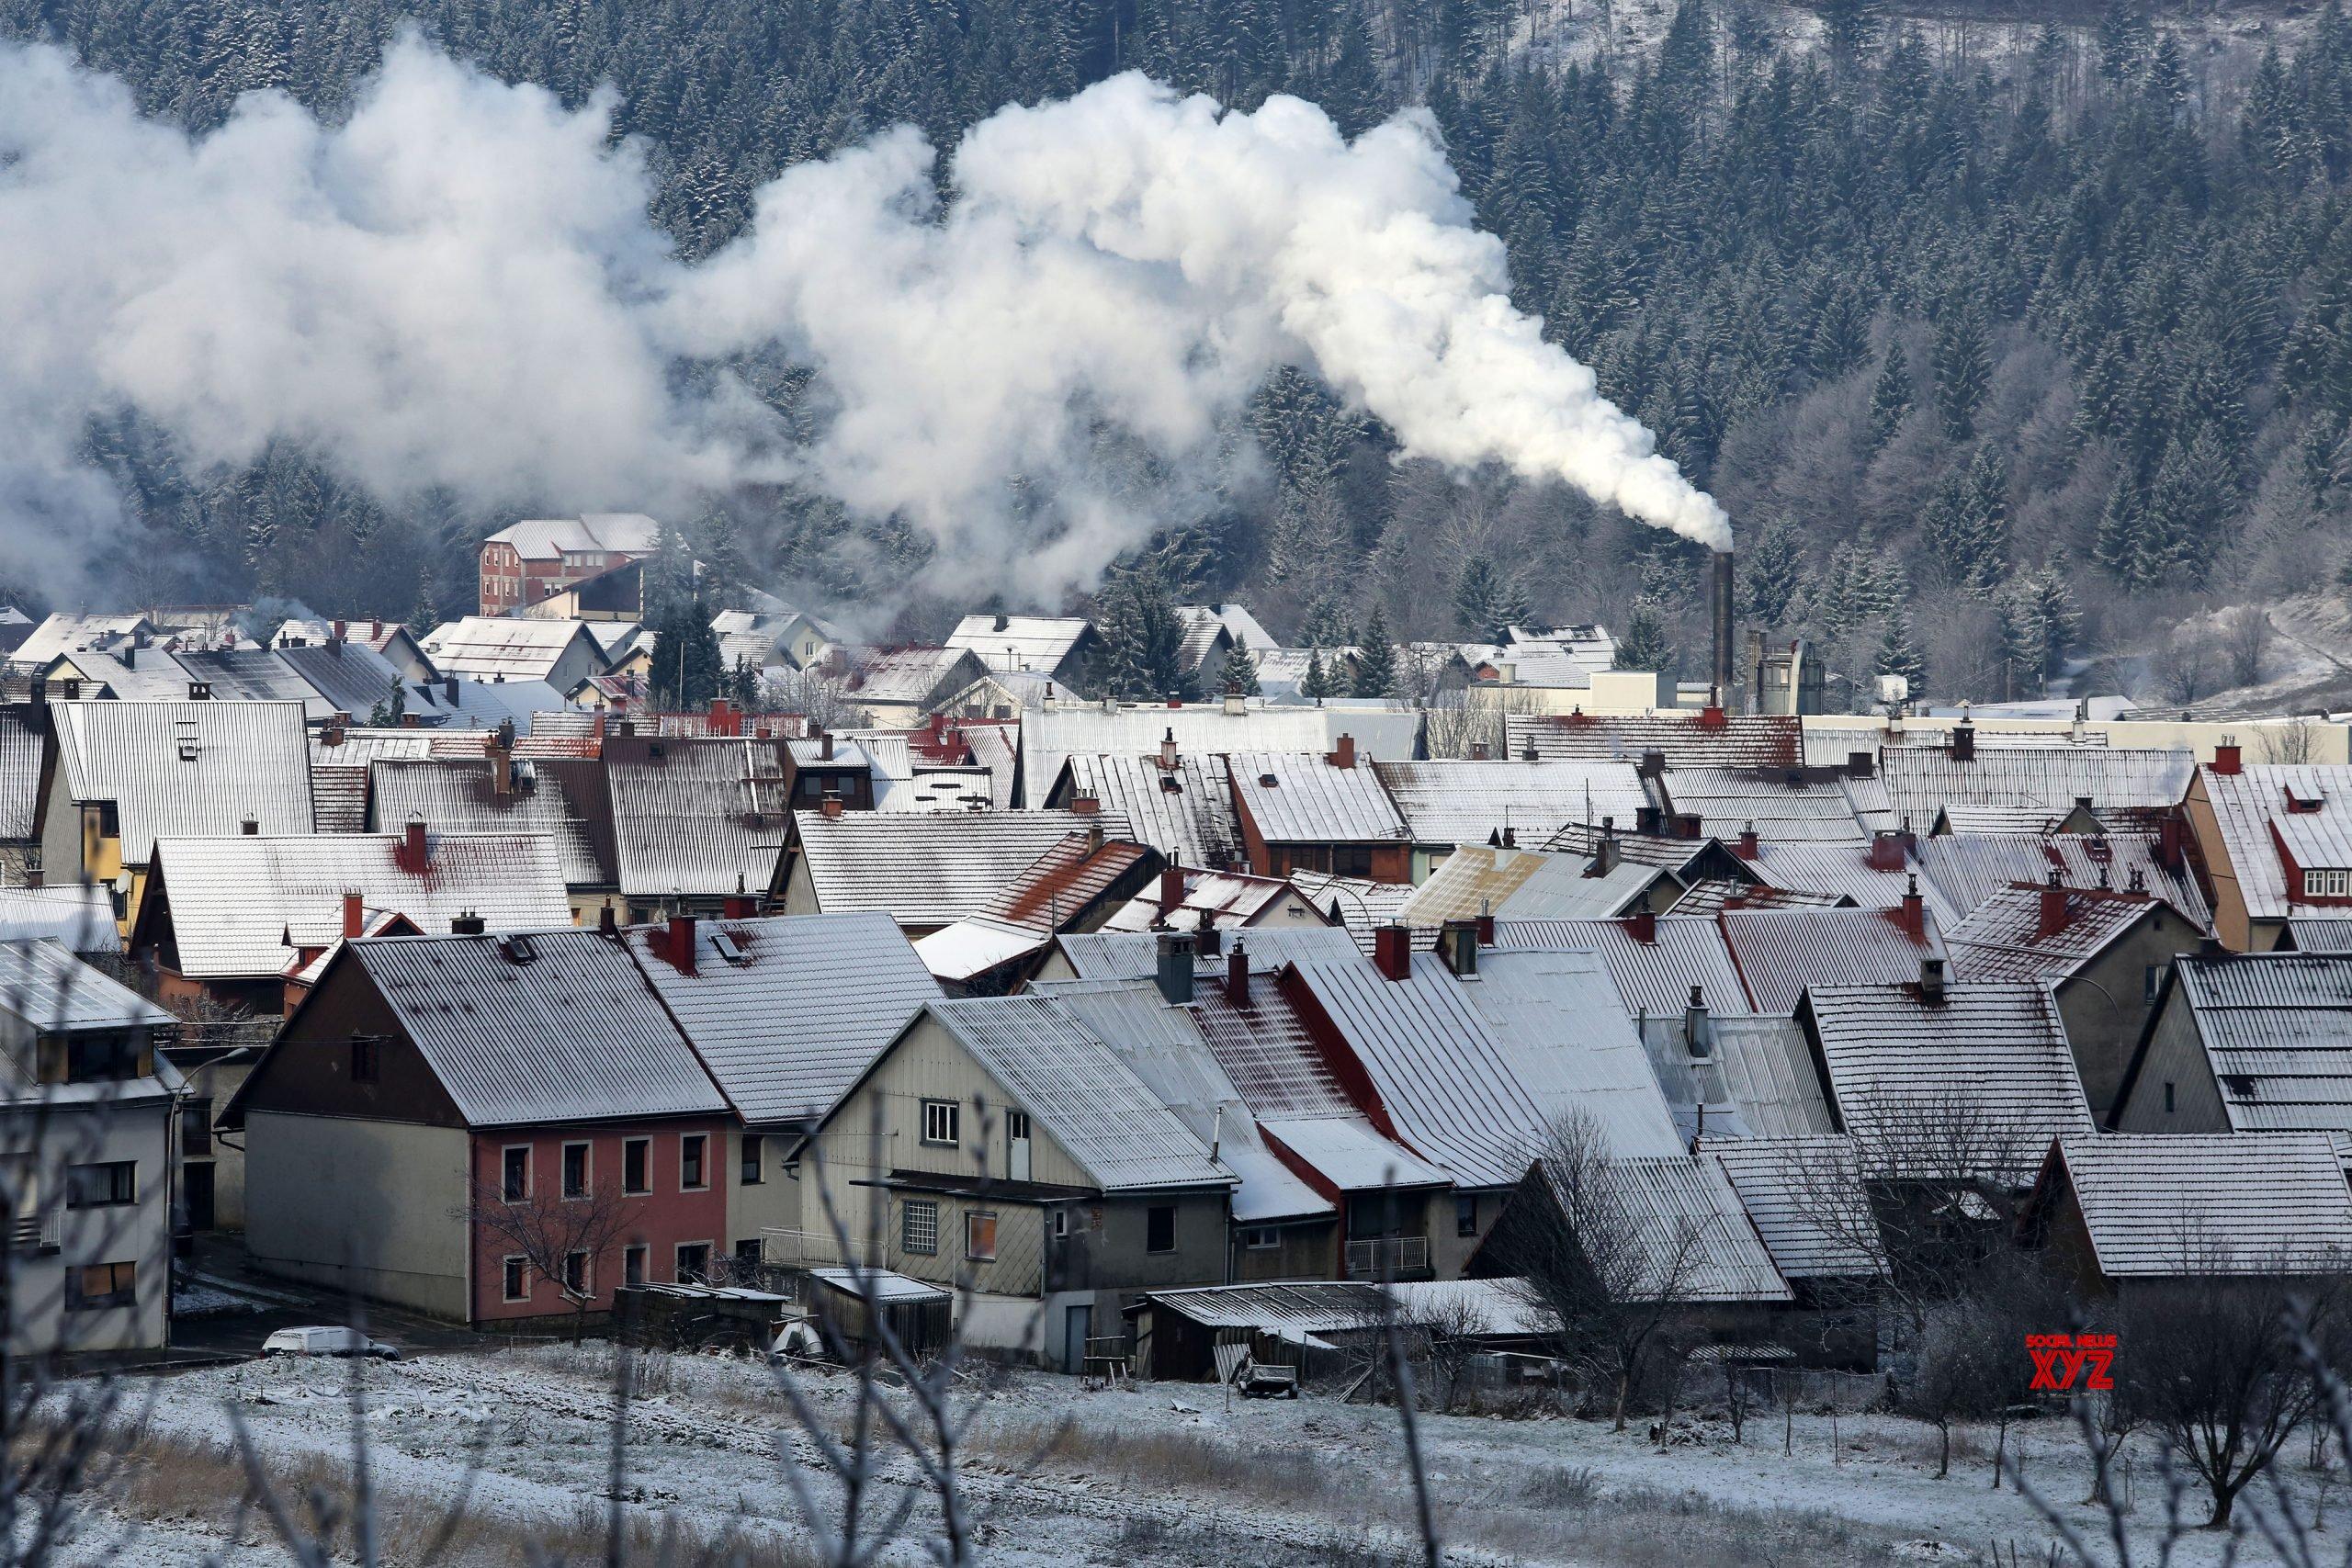 CROATIA - DELNICE - SNOW #Gallery